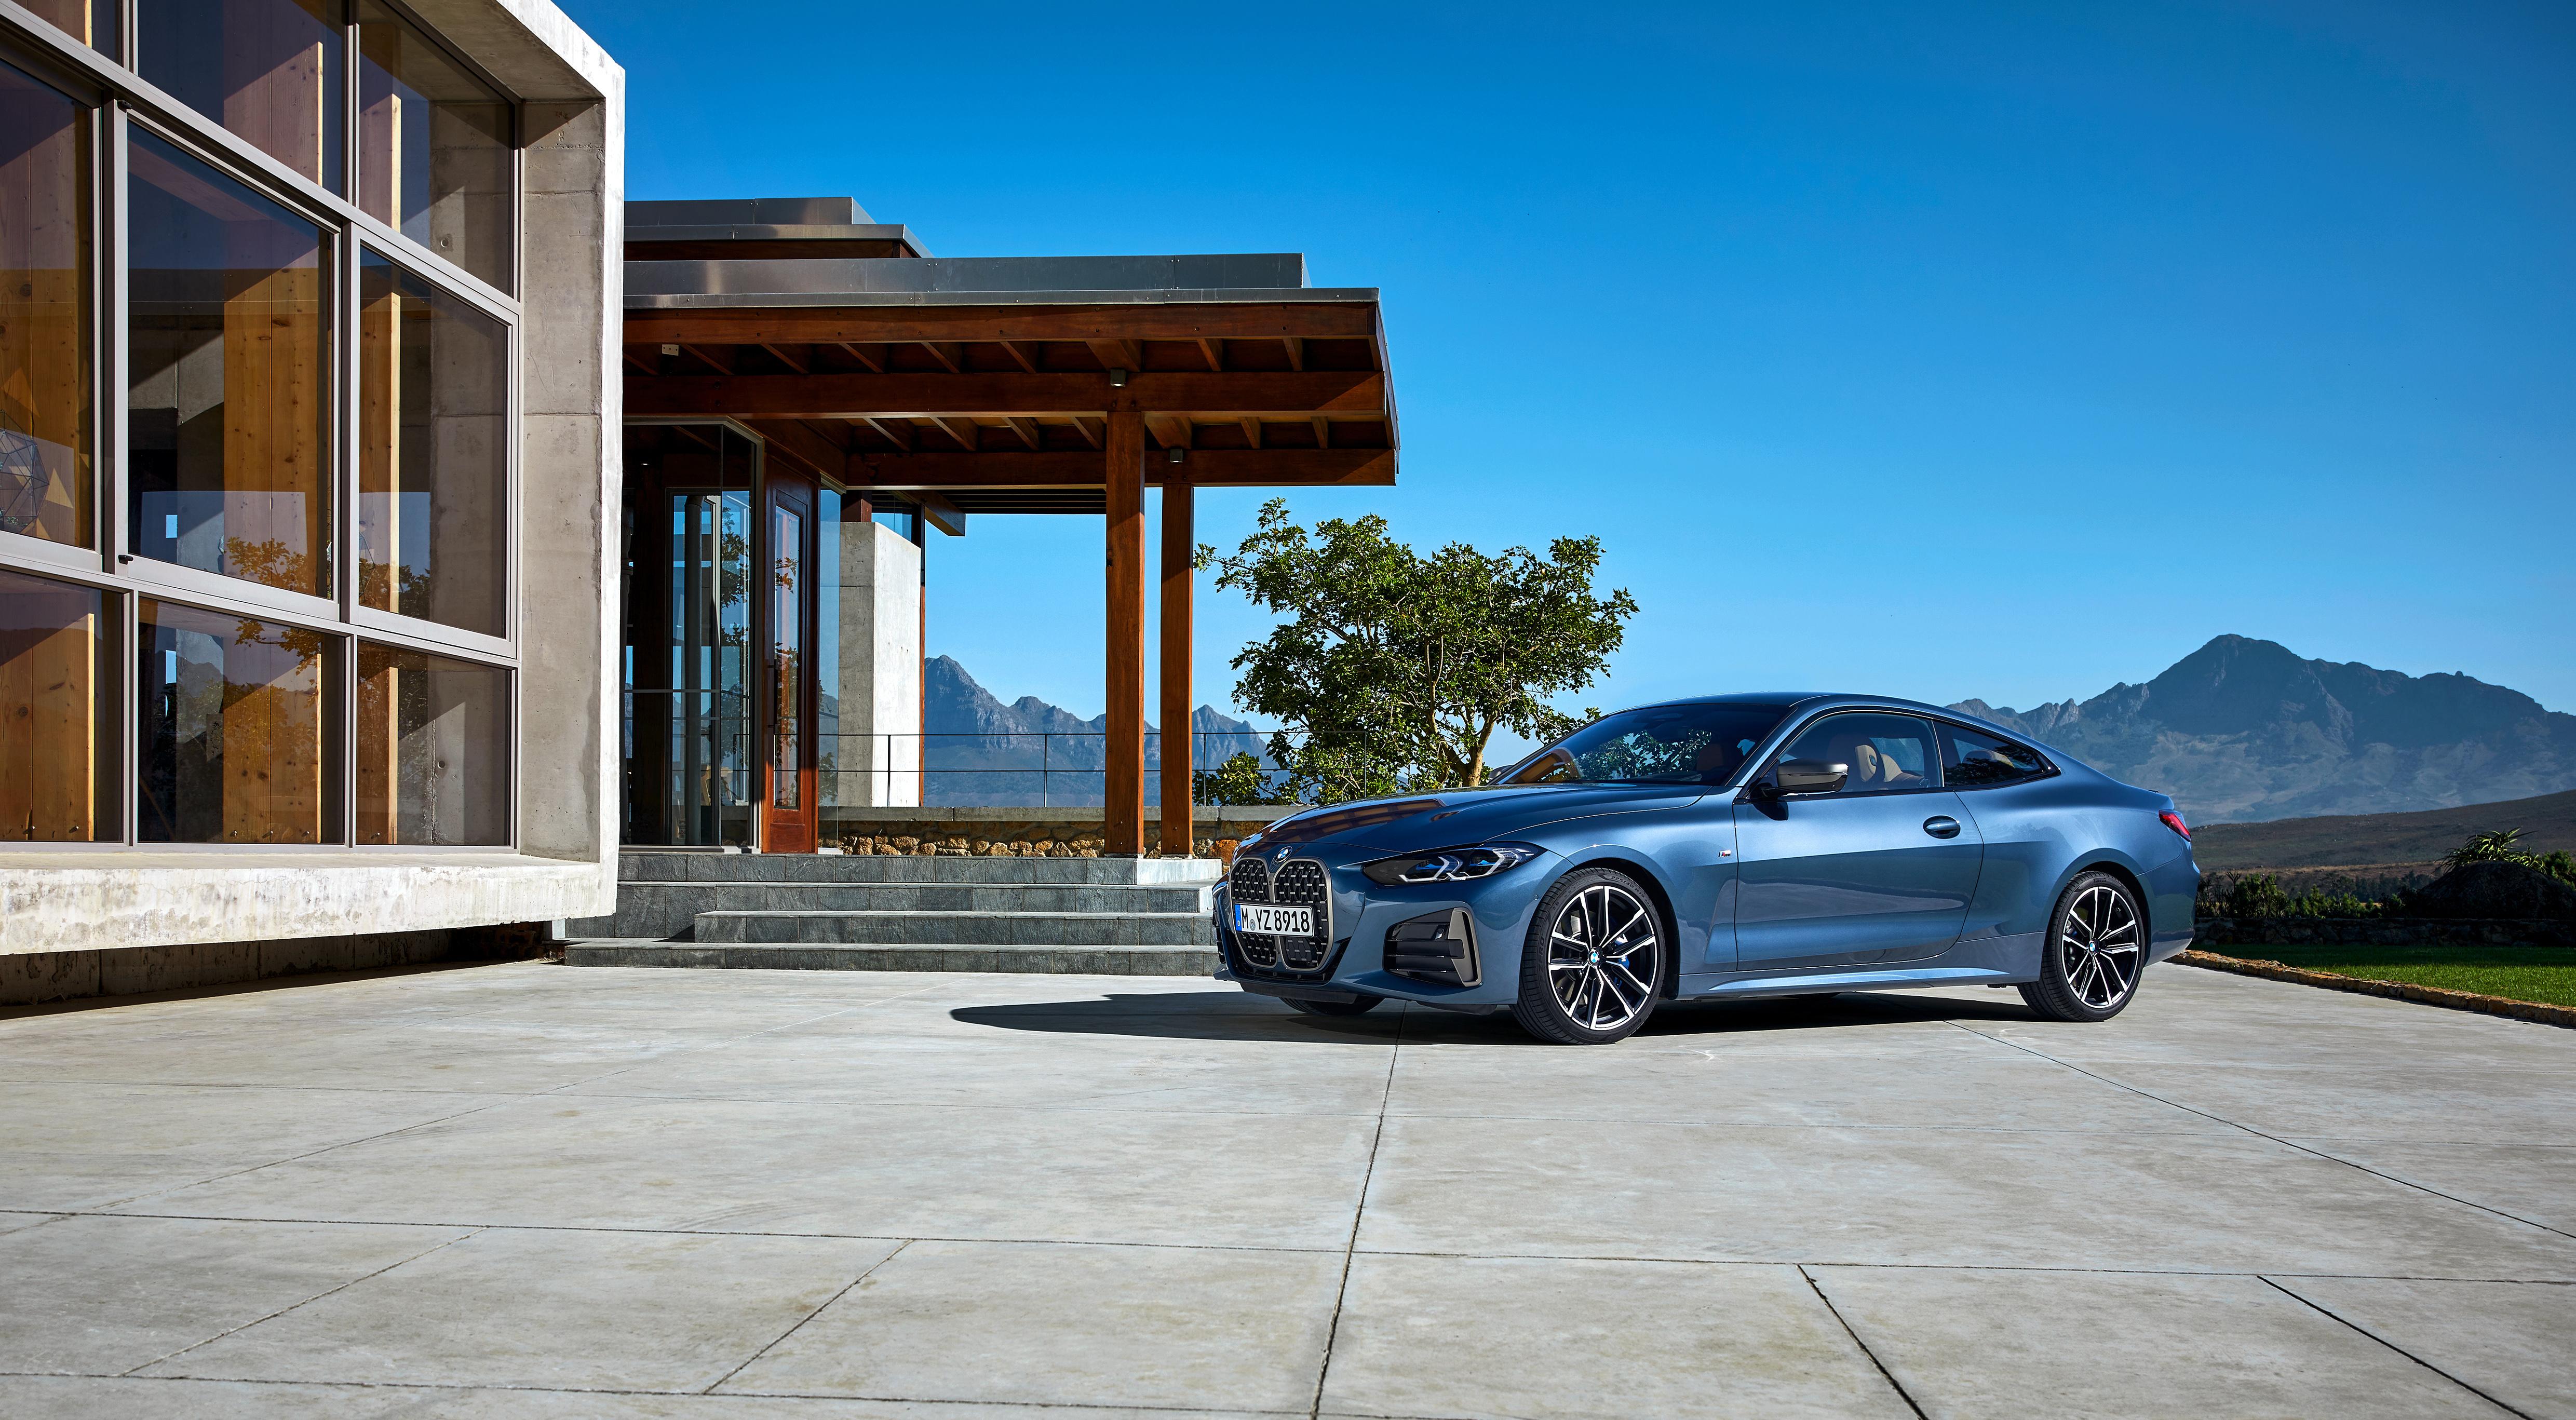 Images BMW Coupe Light Blue Cars 4961x2735 auto automobile